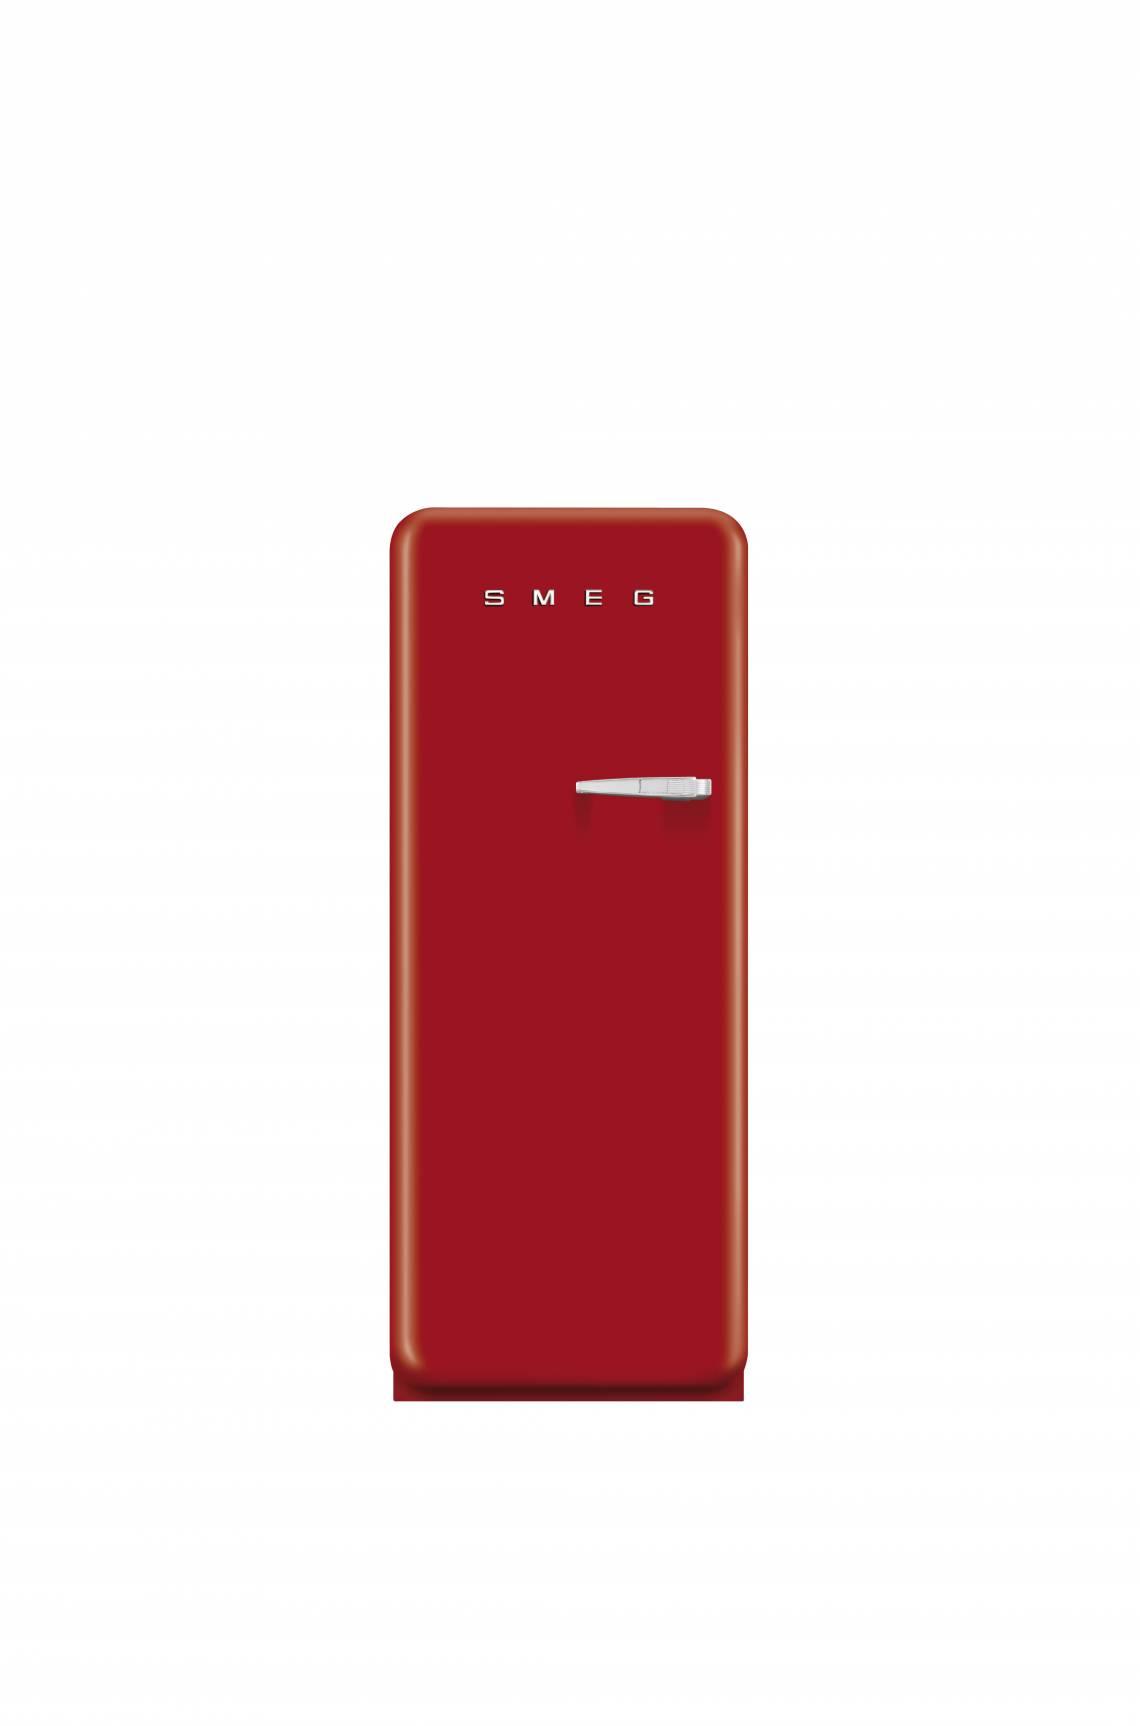 Smeg Kühlschrank Rot - FAB28LR1 | TrendXPRESS